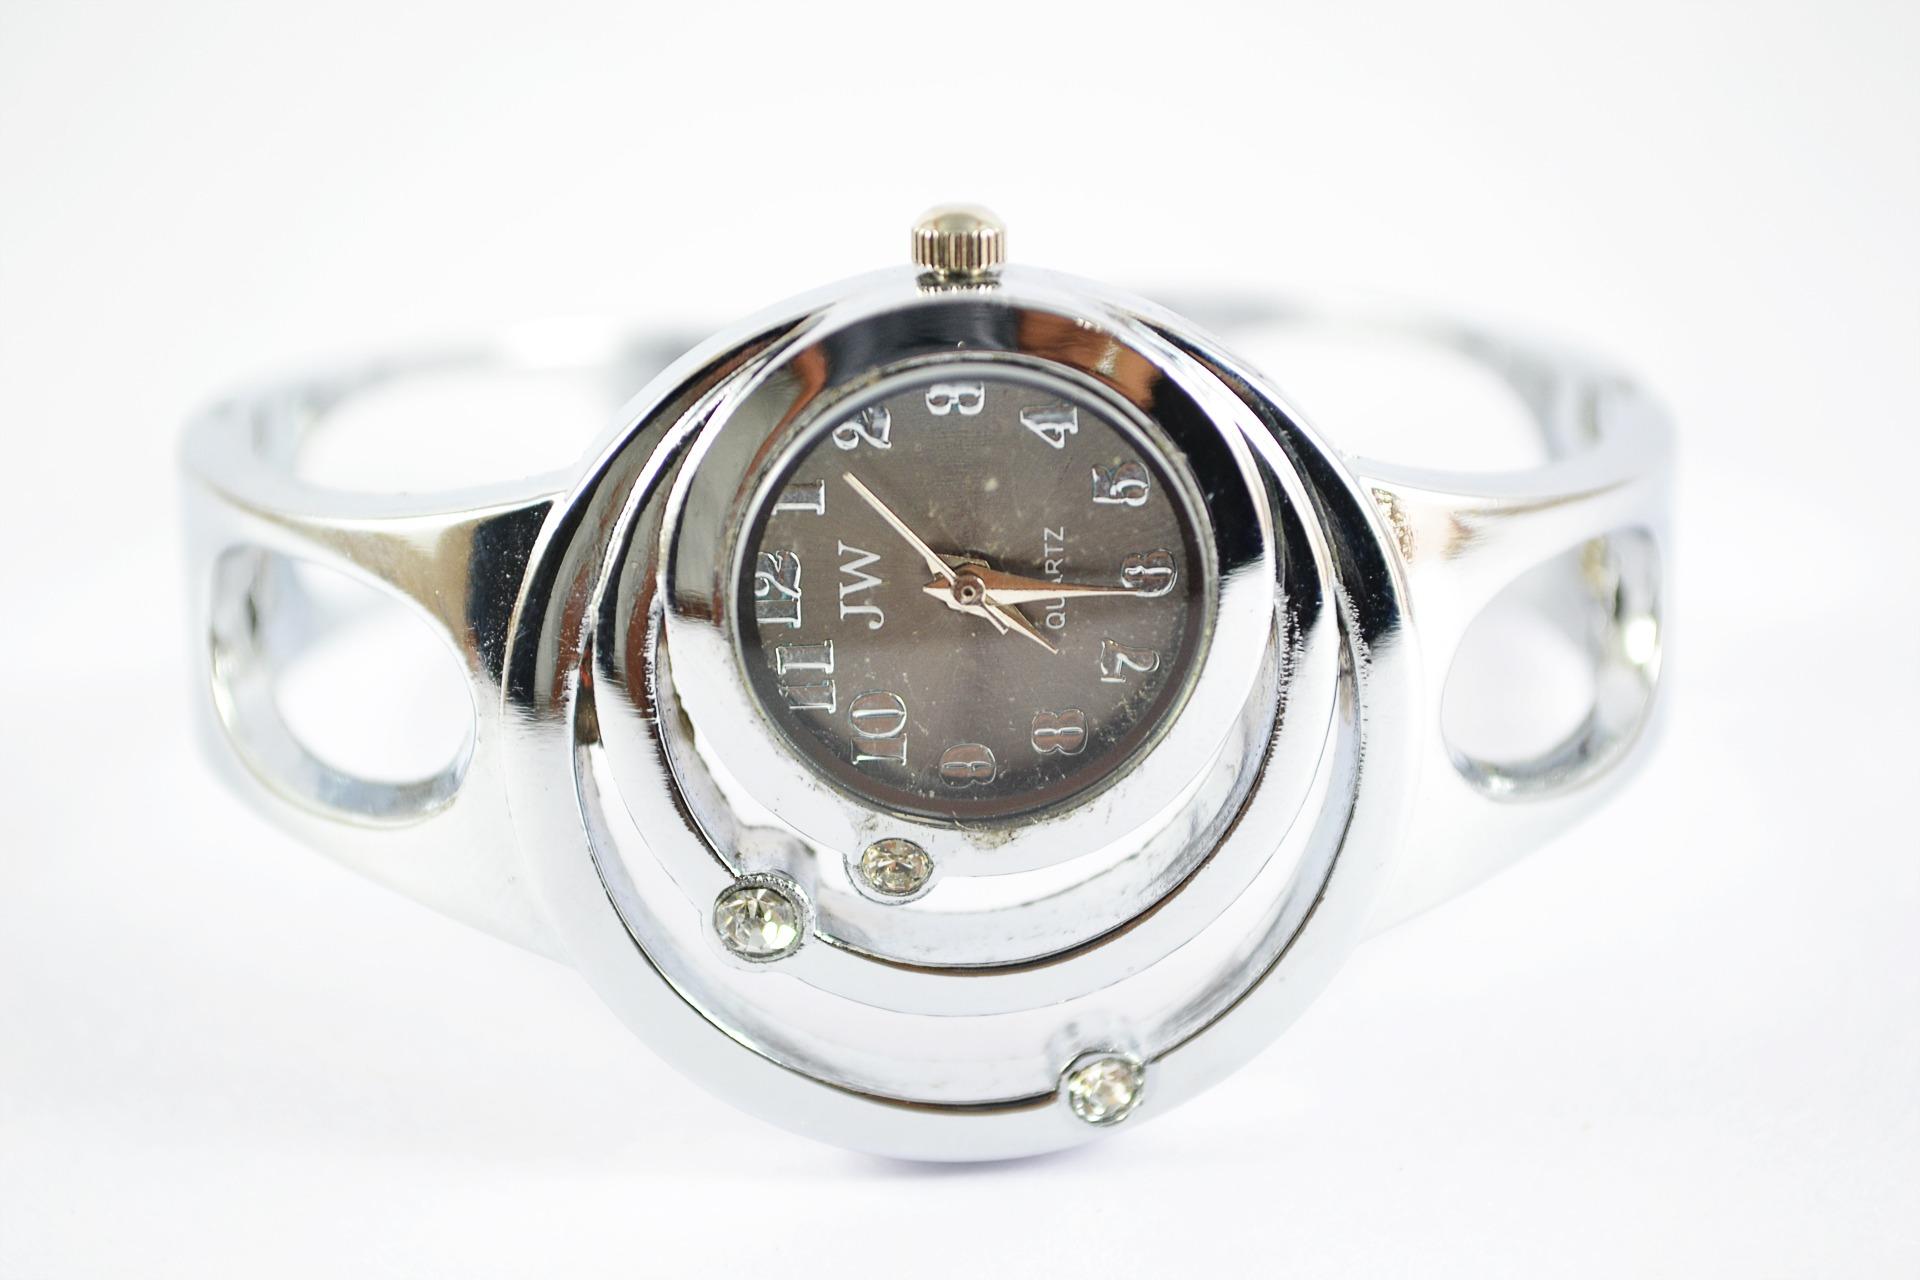 0245d1a7705 regarder main femme cadeau métal mode Matériel présent bijoux Montre- bracelet argent beauté brillant Sri